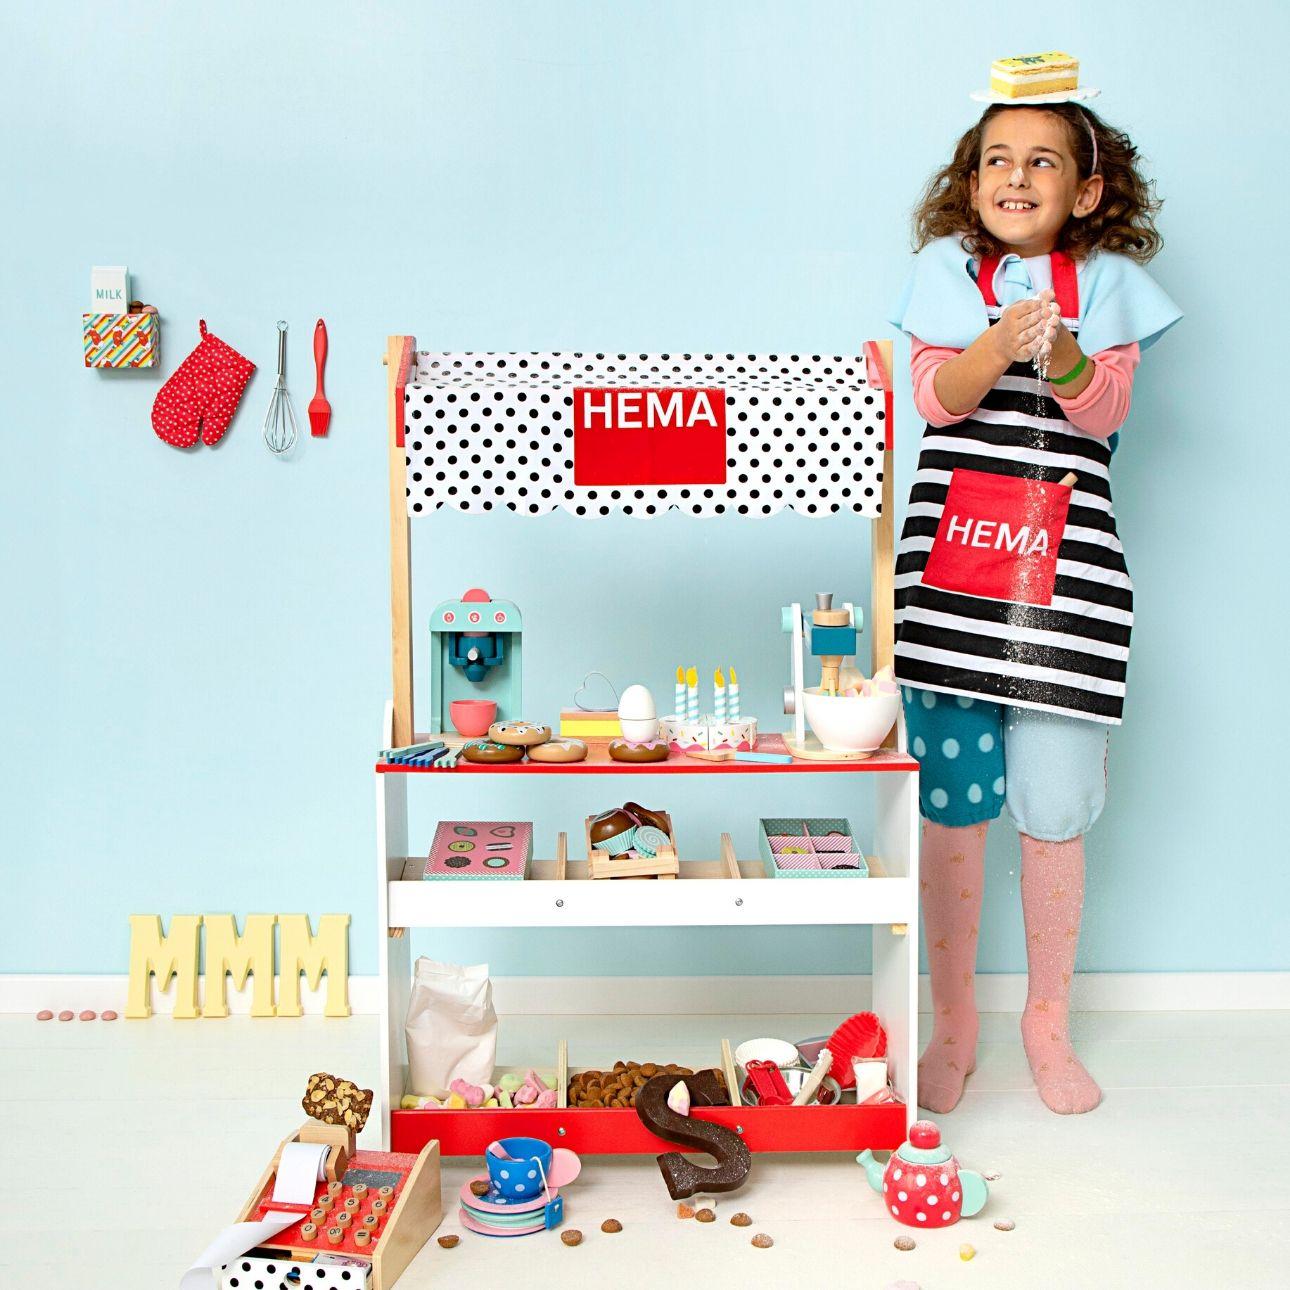 Hema houten speelgoed 2019 (1)